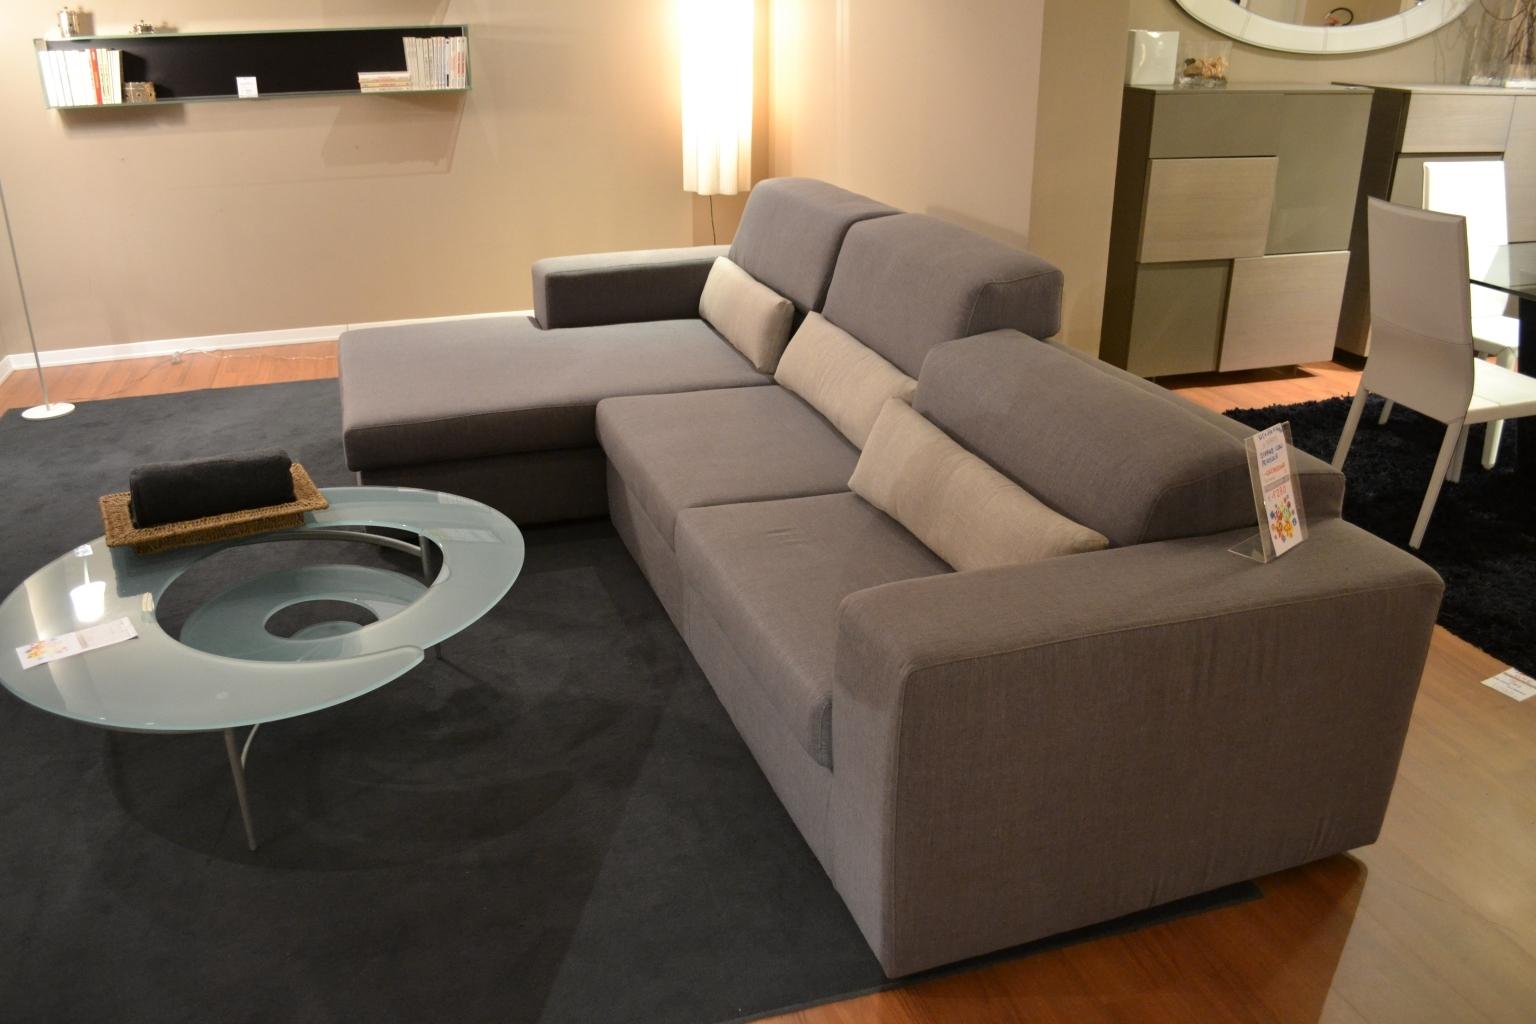 Divano londra la casa moderna divani a prezzi scontati for Casa moderna prezzi